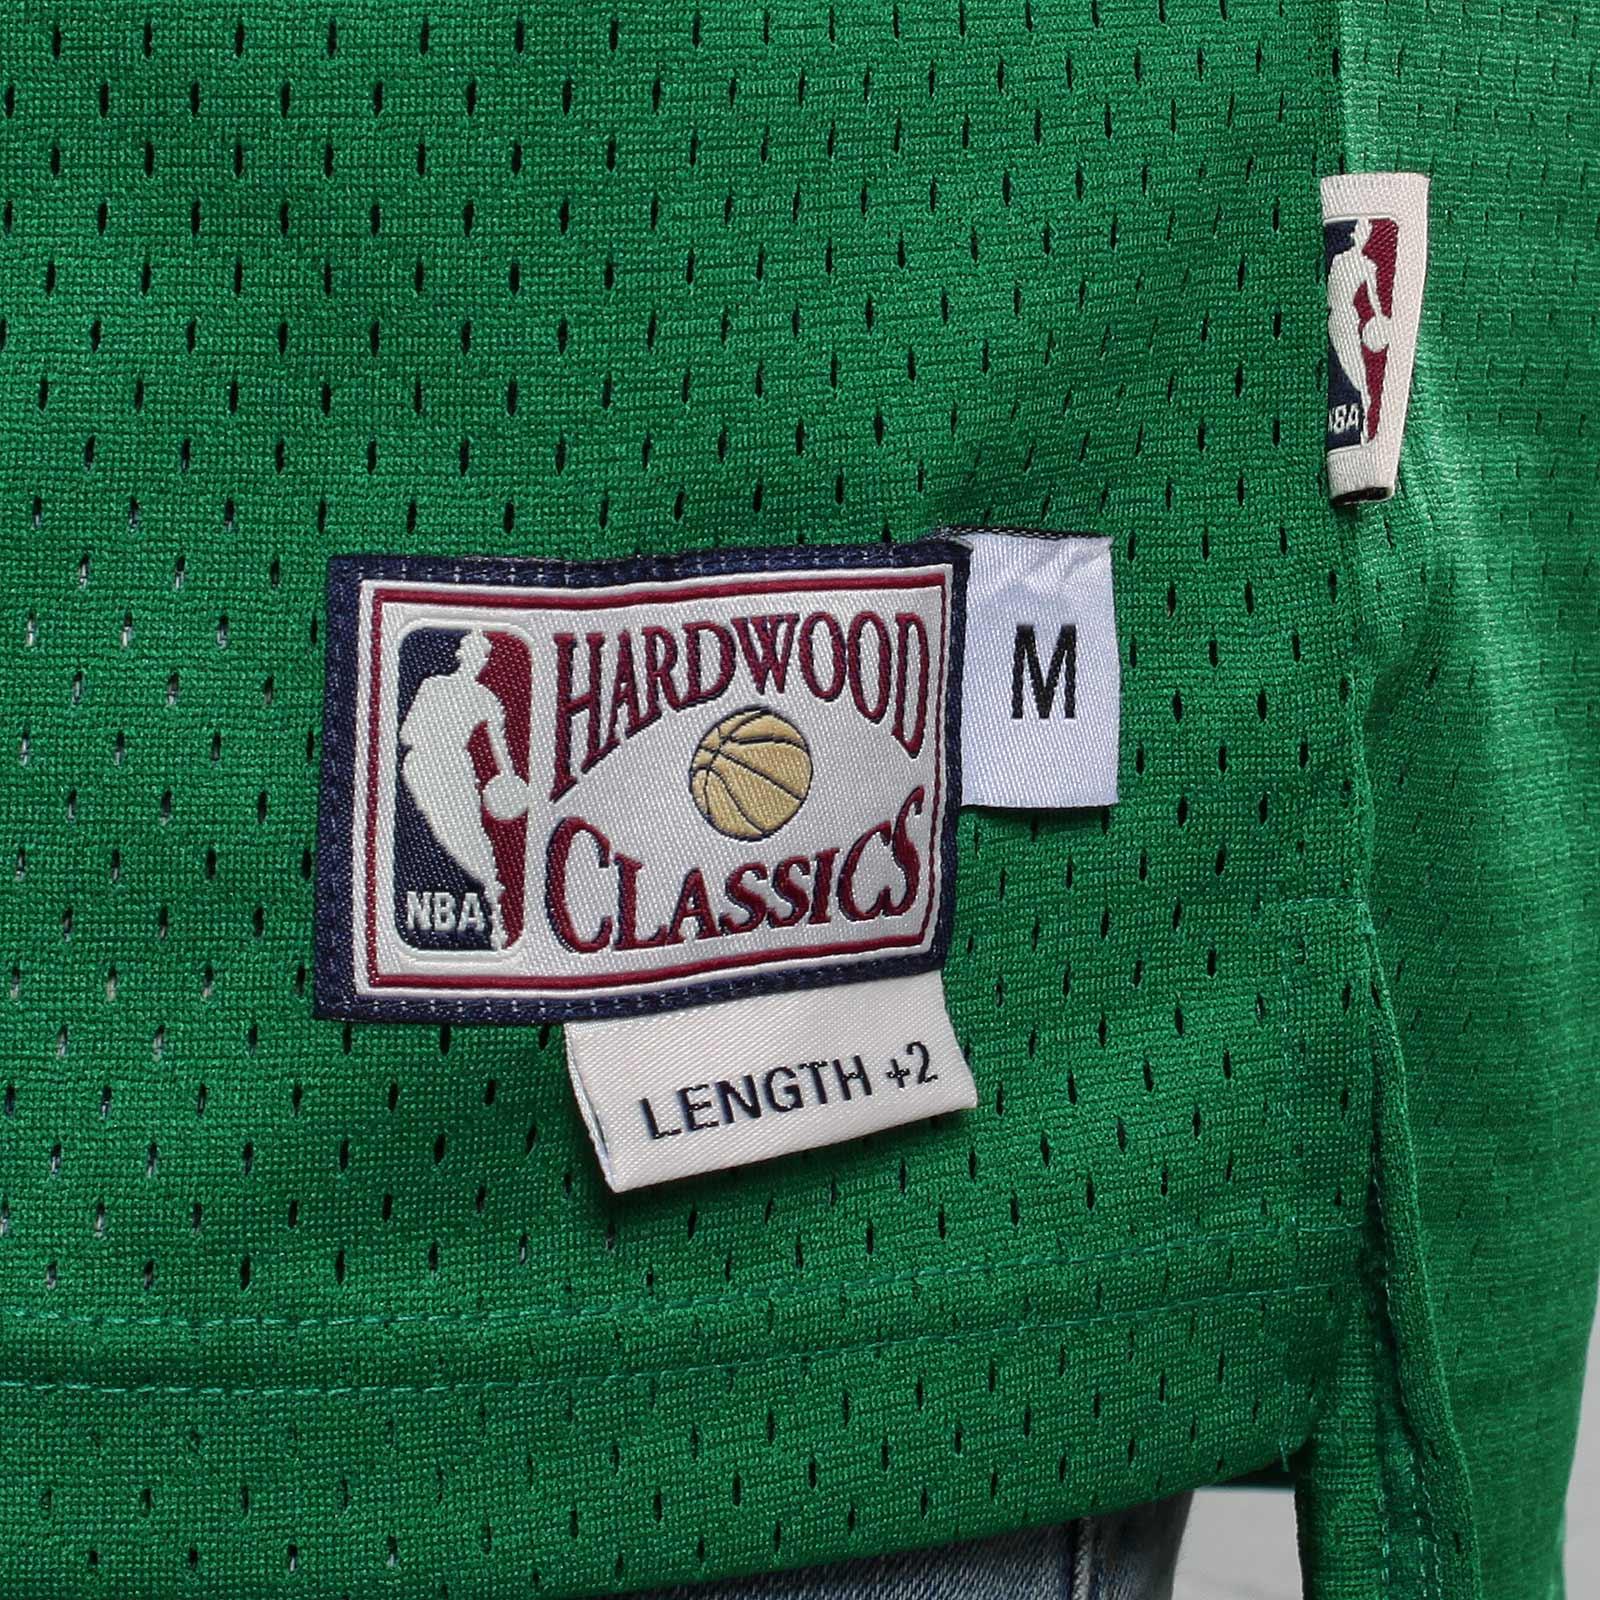 c9ee9fdaf54 adidas Boston Celtics Soul Swingman Jersey - 83561 - Sneakersnstuff |  sneakers & streetwear online since 1999